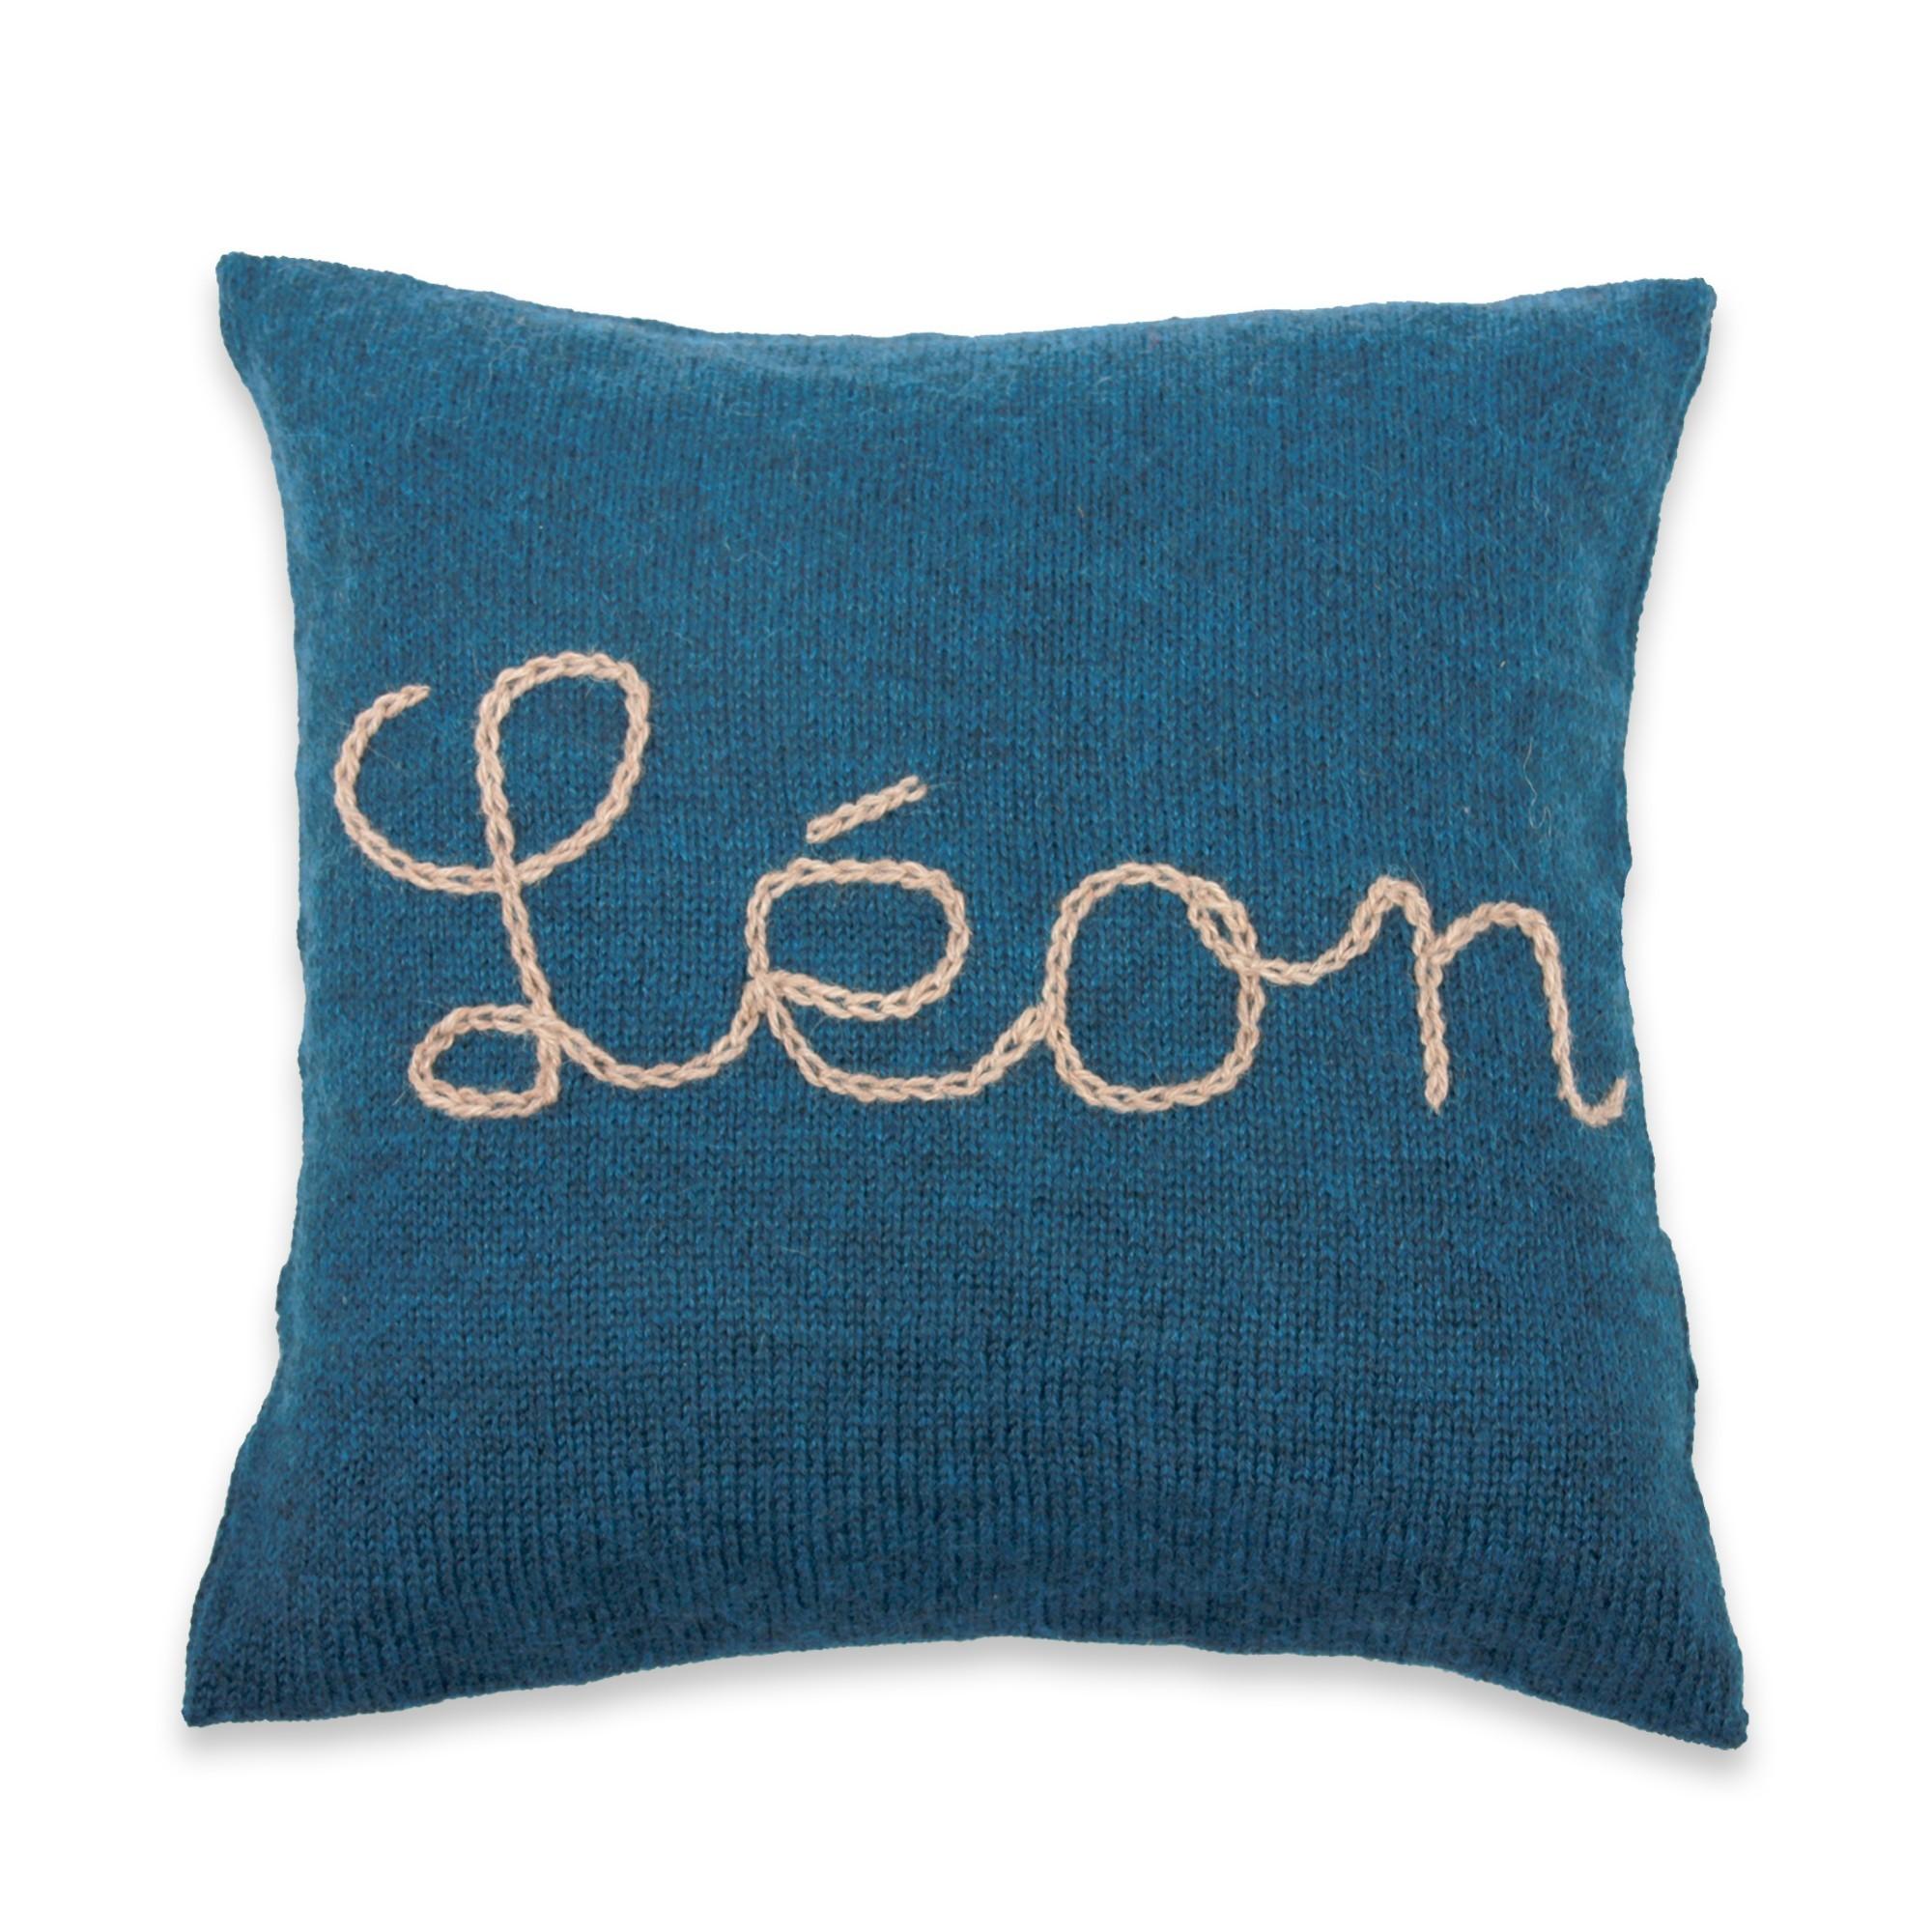 les tricots de mamy coussin tricot bleu100 laine d 39 alpaga brod pour cadeau de naissance. Black Bedroom Furniture Sets. Home Design Ideas